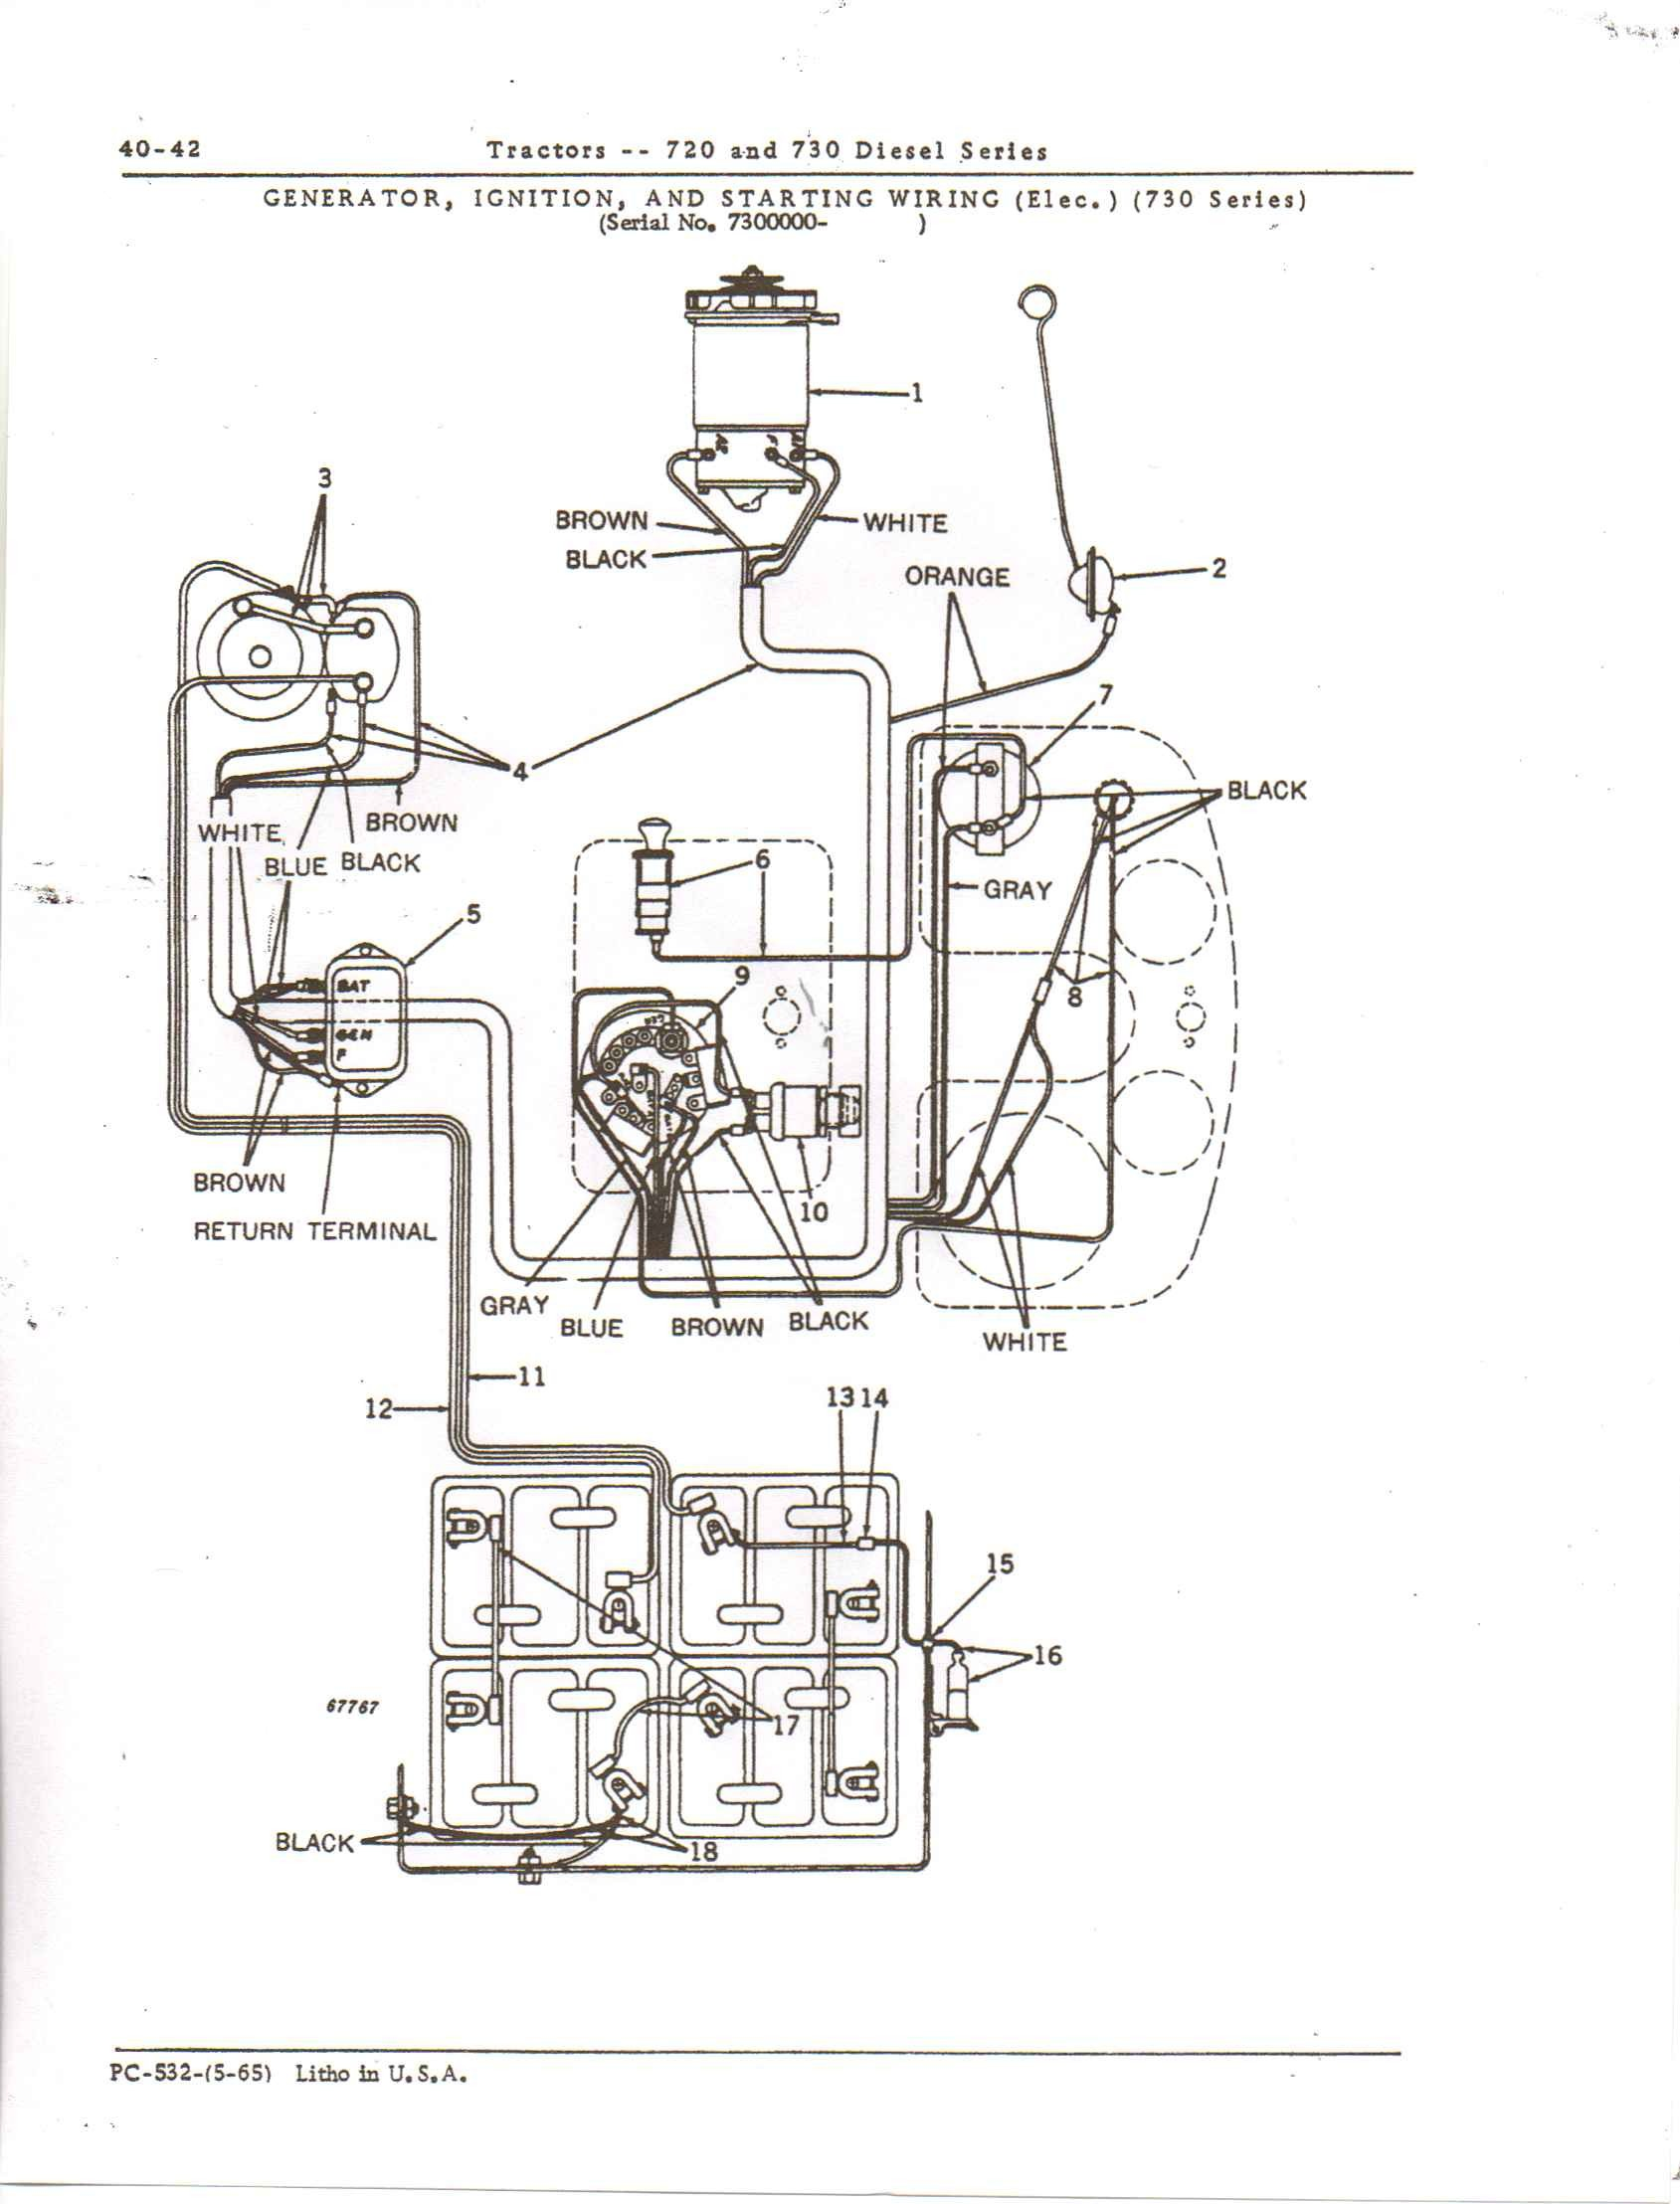 john deere 650 tractor parts diagram best deer photos water rh water alliance org john deere 650 tractor wiring diagram john deere 650 dozer wiring diagram